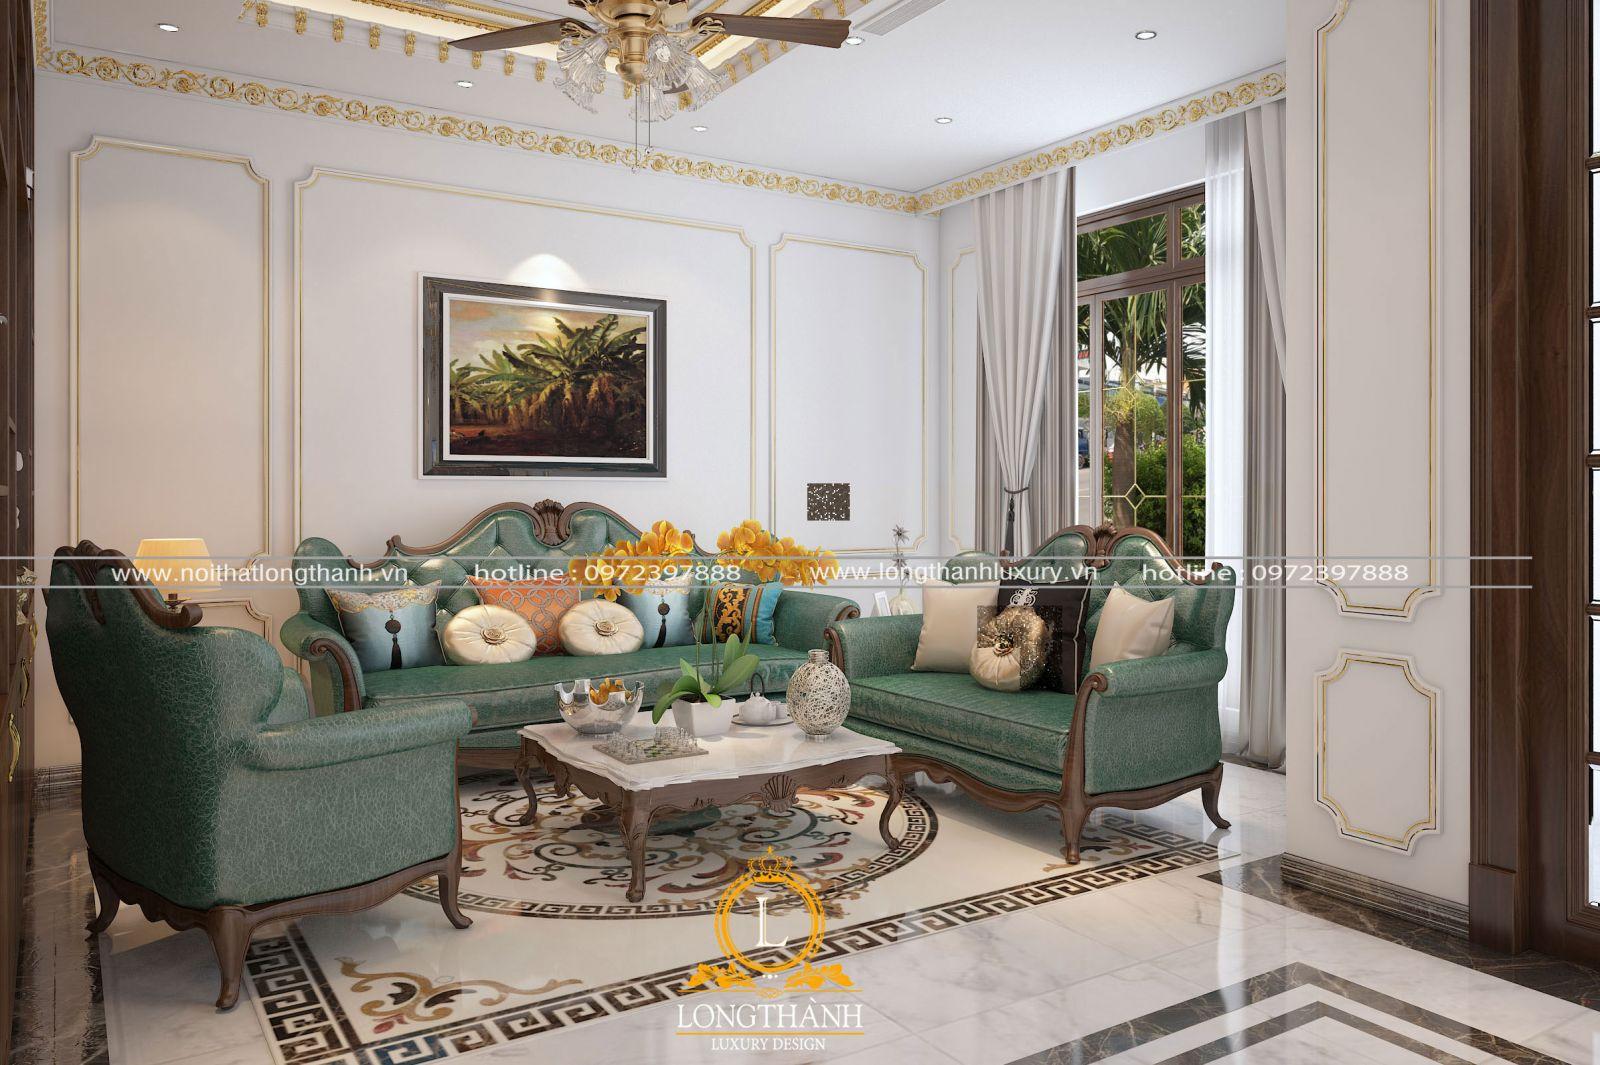 Sofa nỉ tân cổ điển mang đến cảm giác êm ái, thoải mái cho người sử dụng